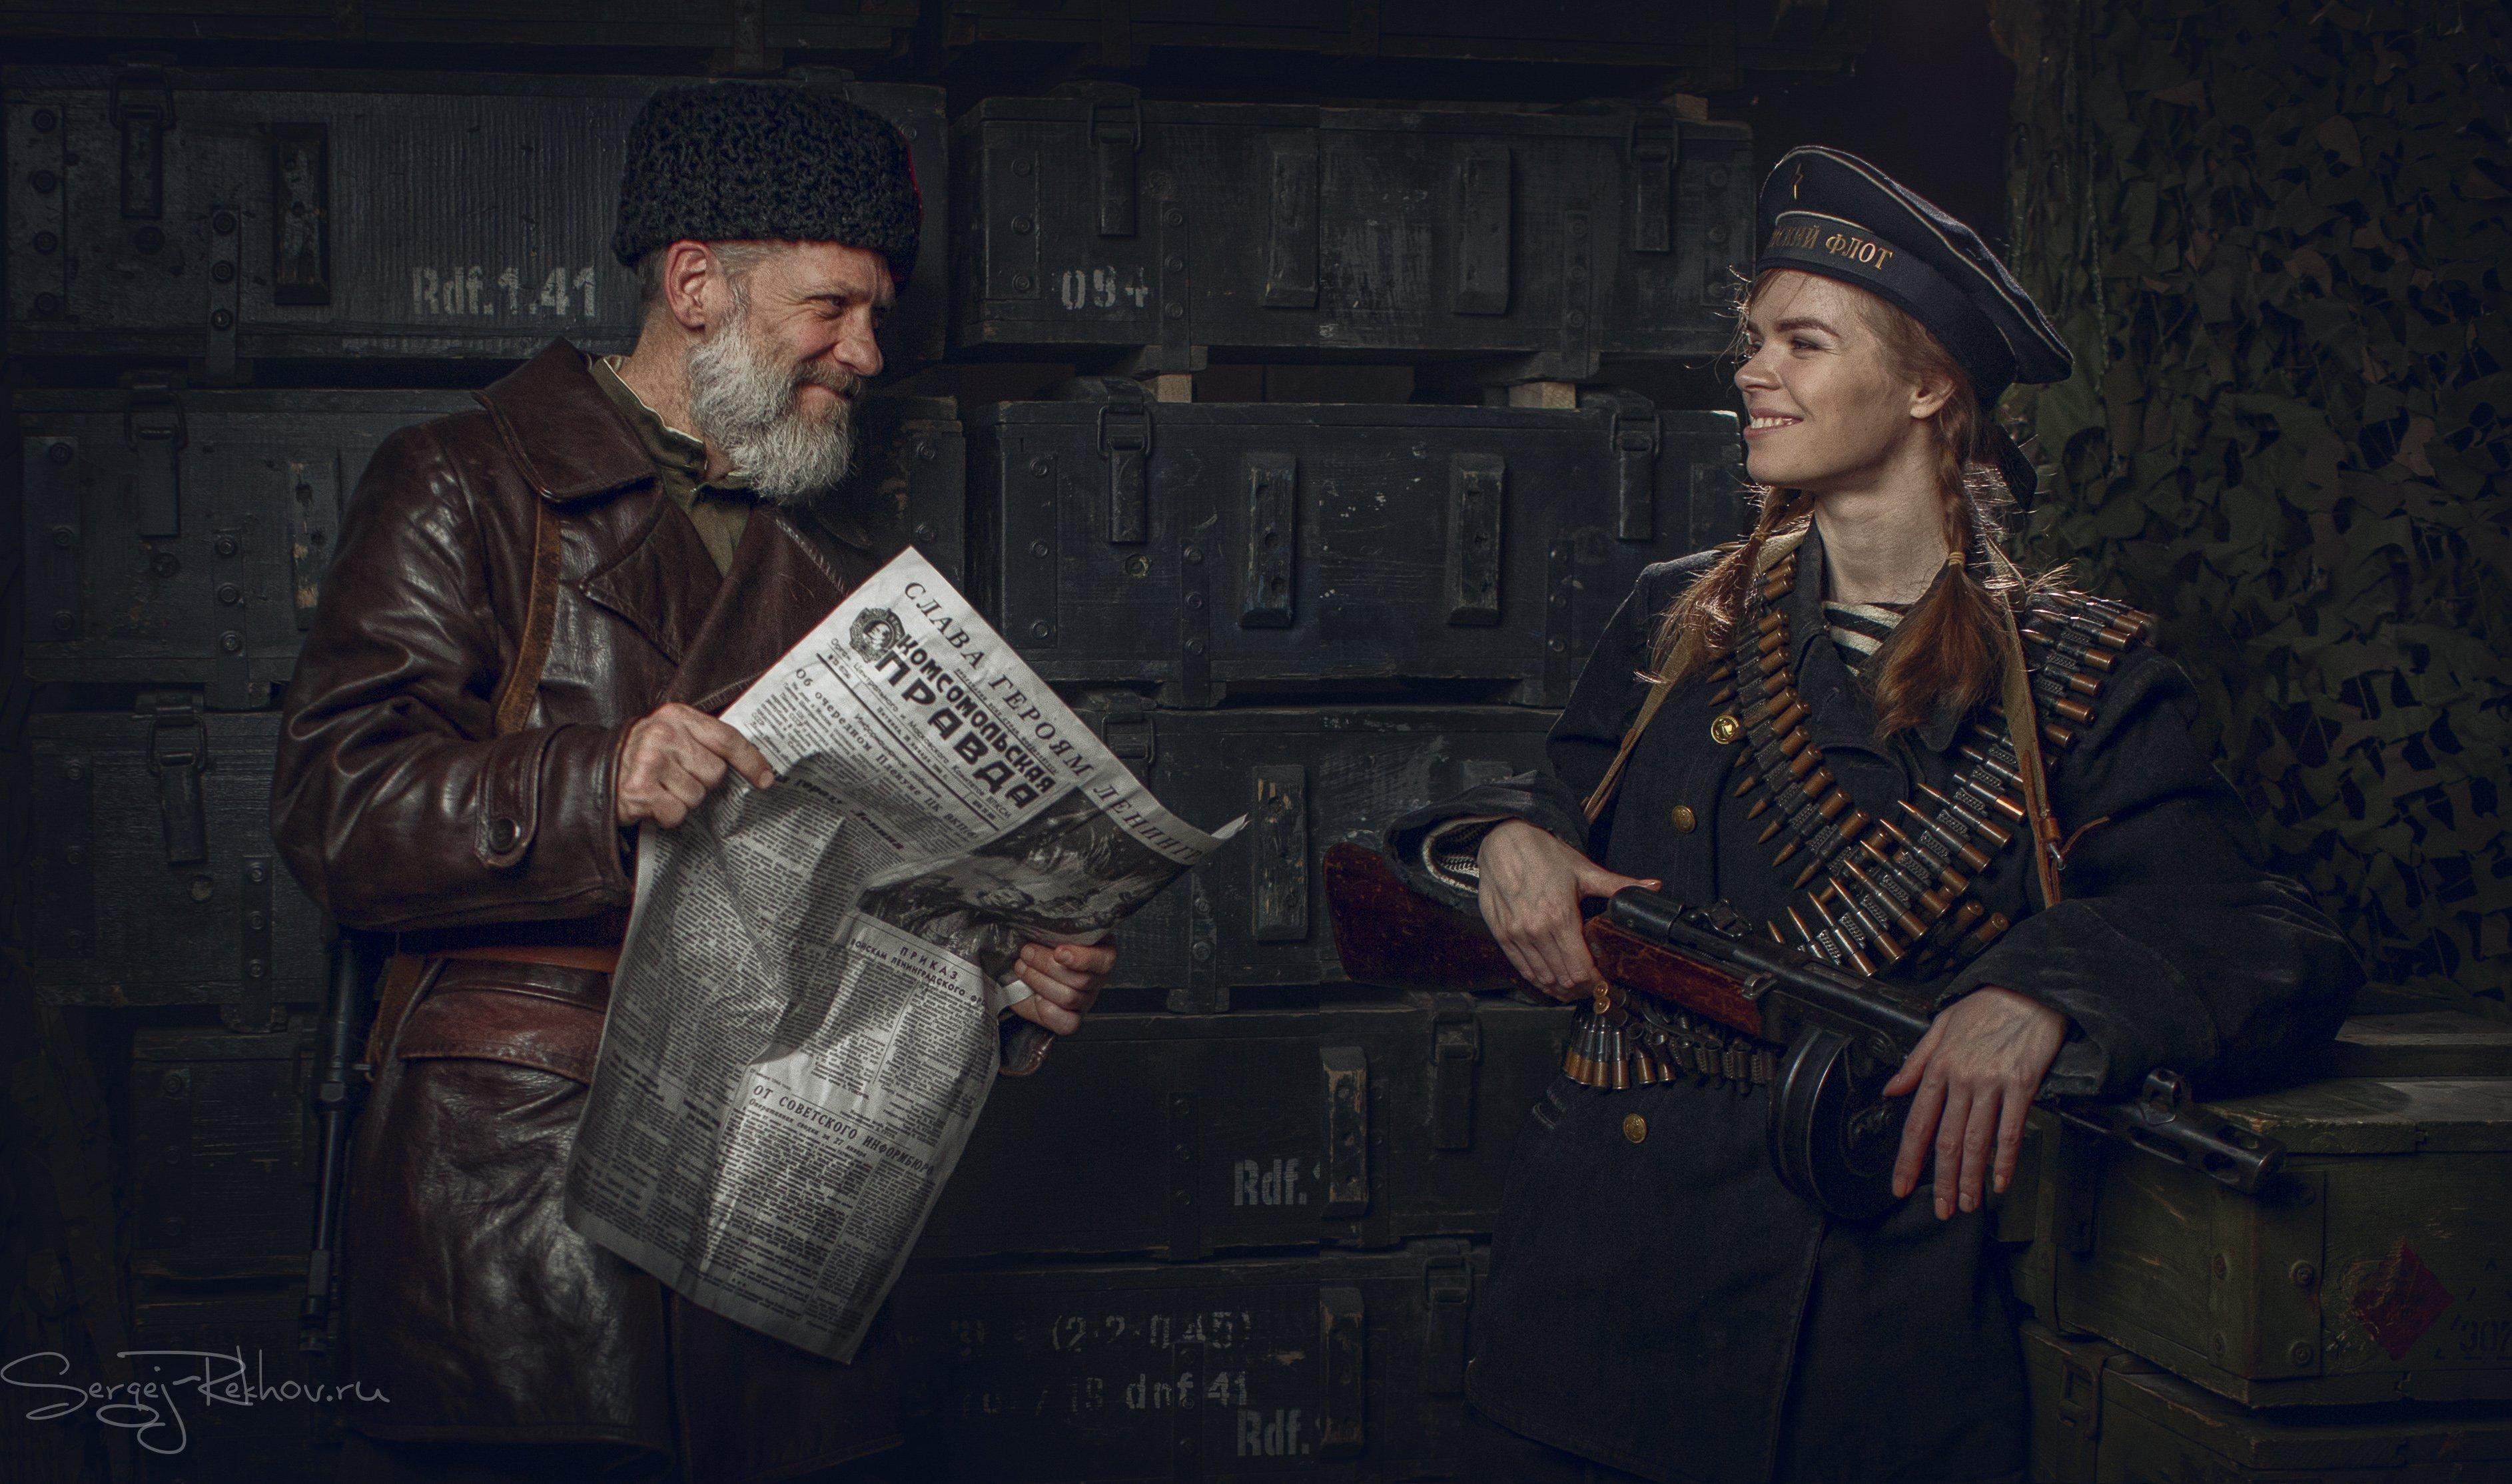 студия цитадель, портрет, блокада, ленинград, portrait, Рехов Сергей